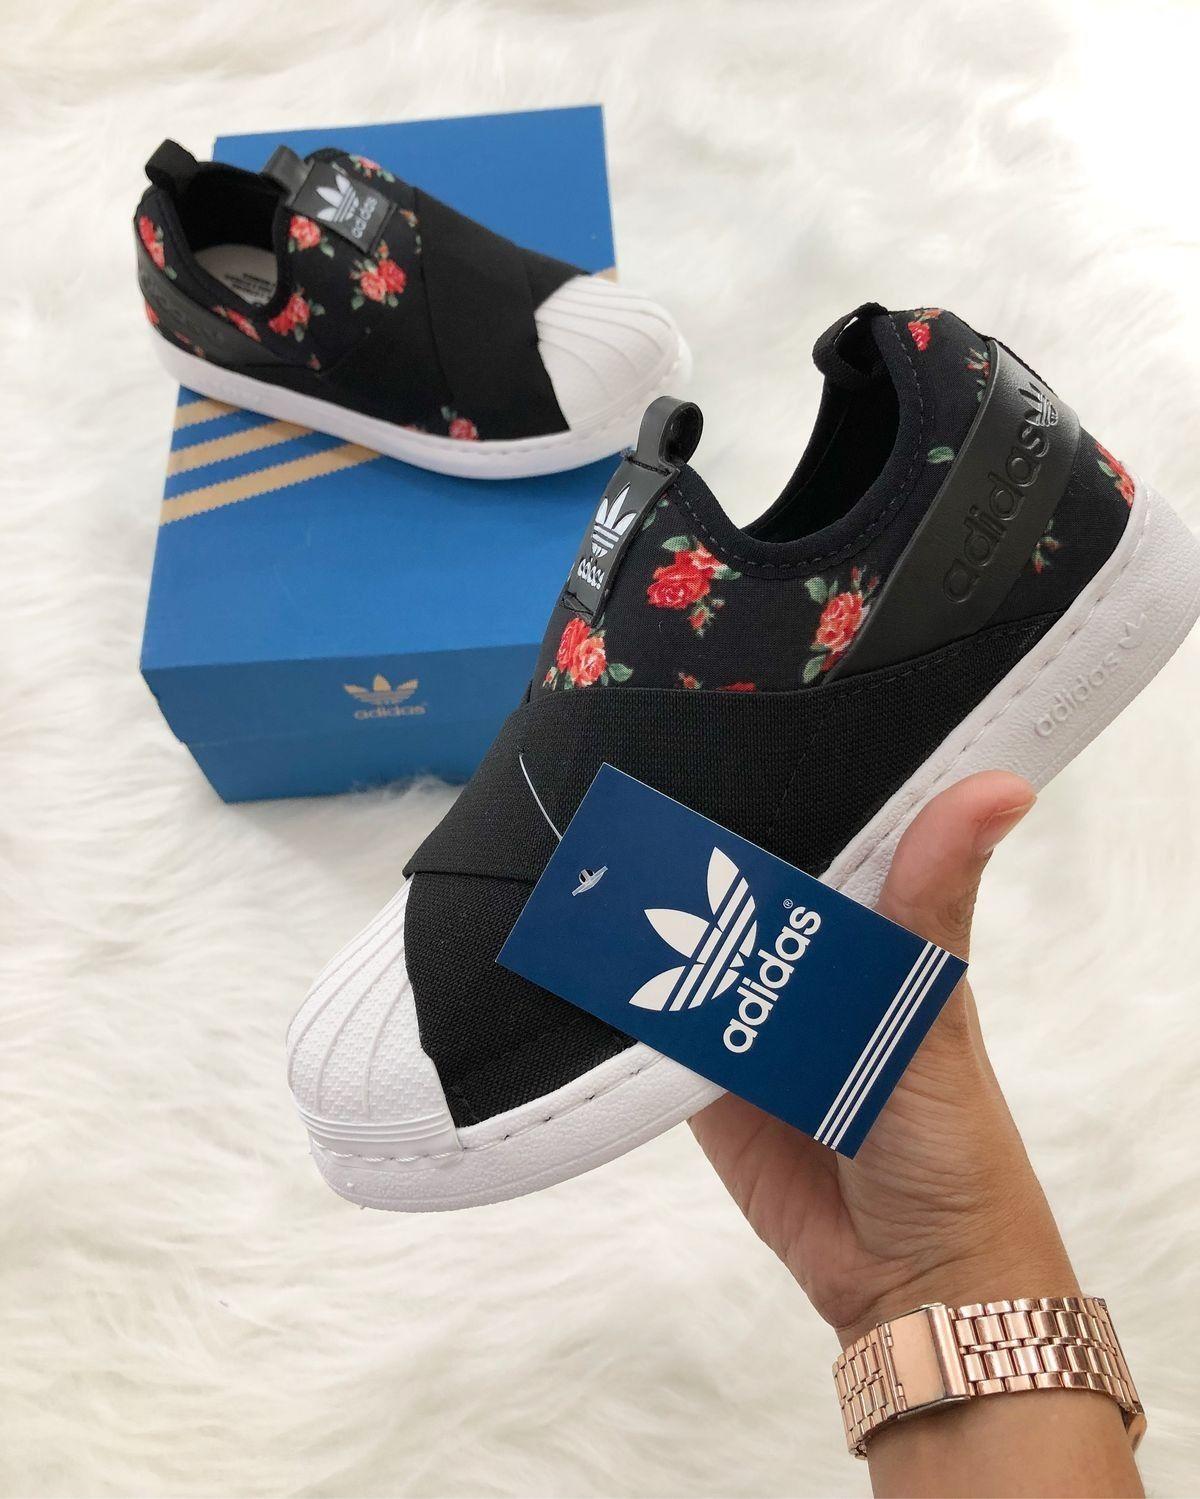 tênis Adidas   Tenis feminino tumblr, Tenis sapato e Sapatos